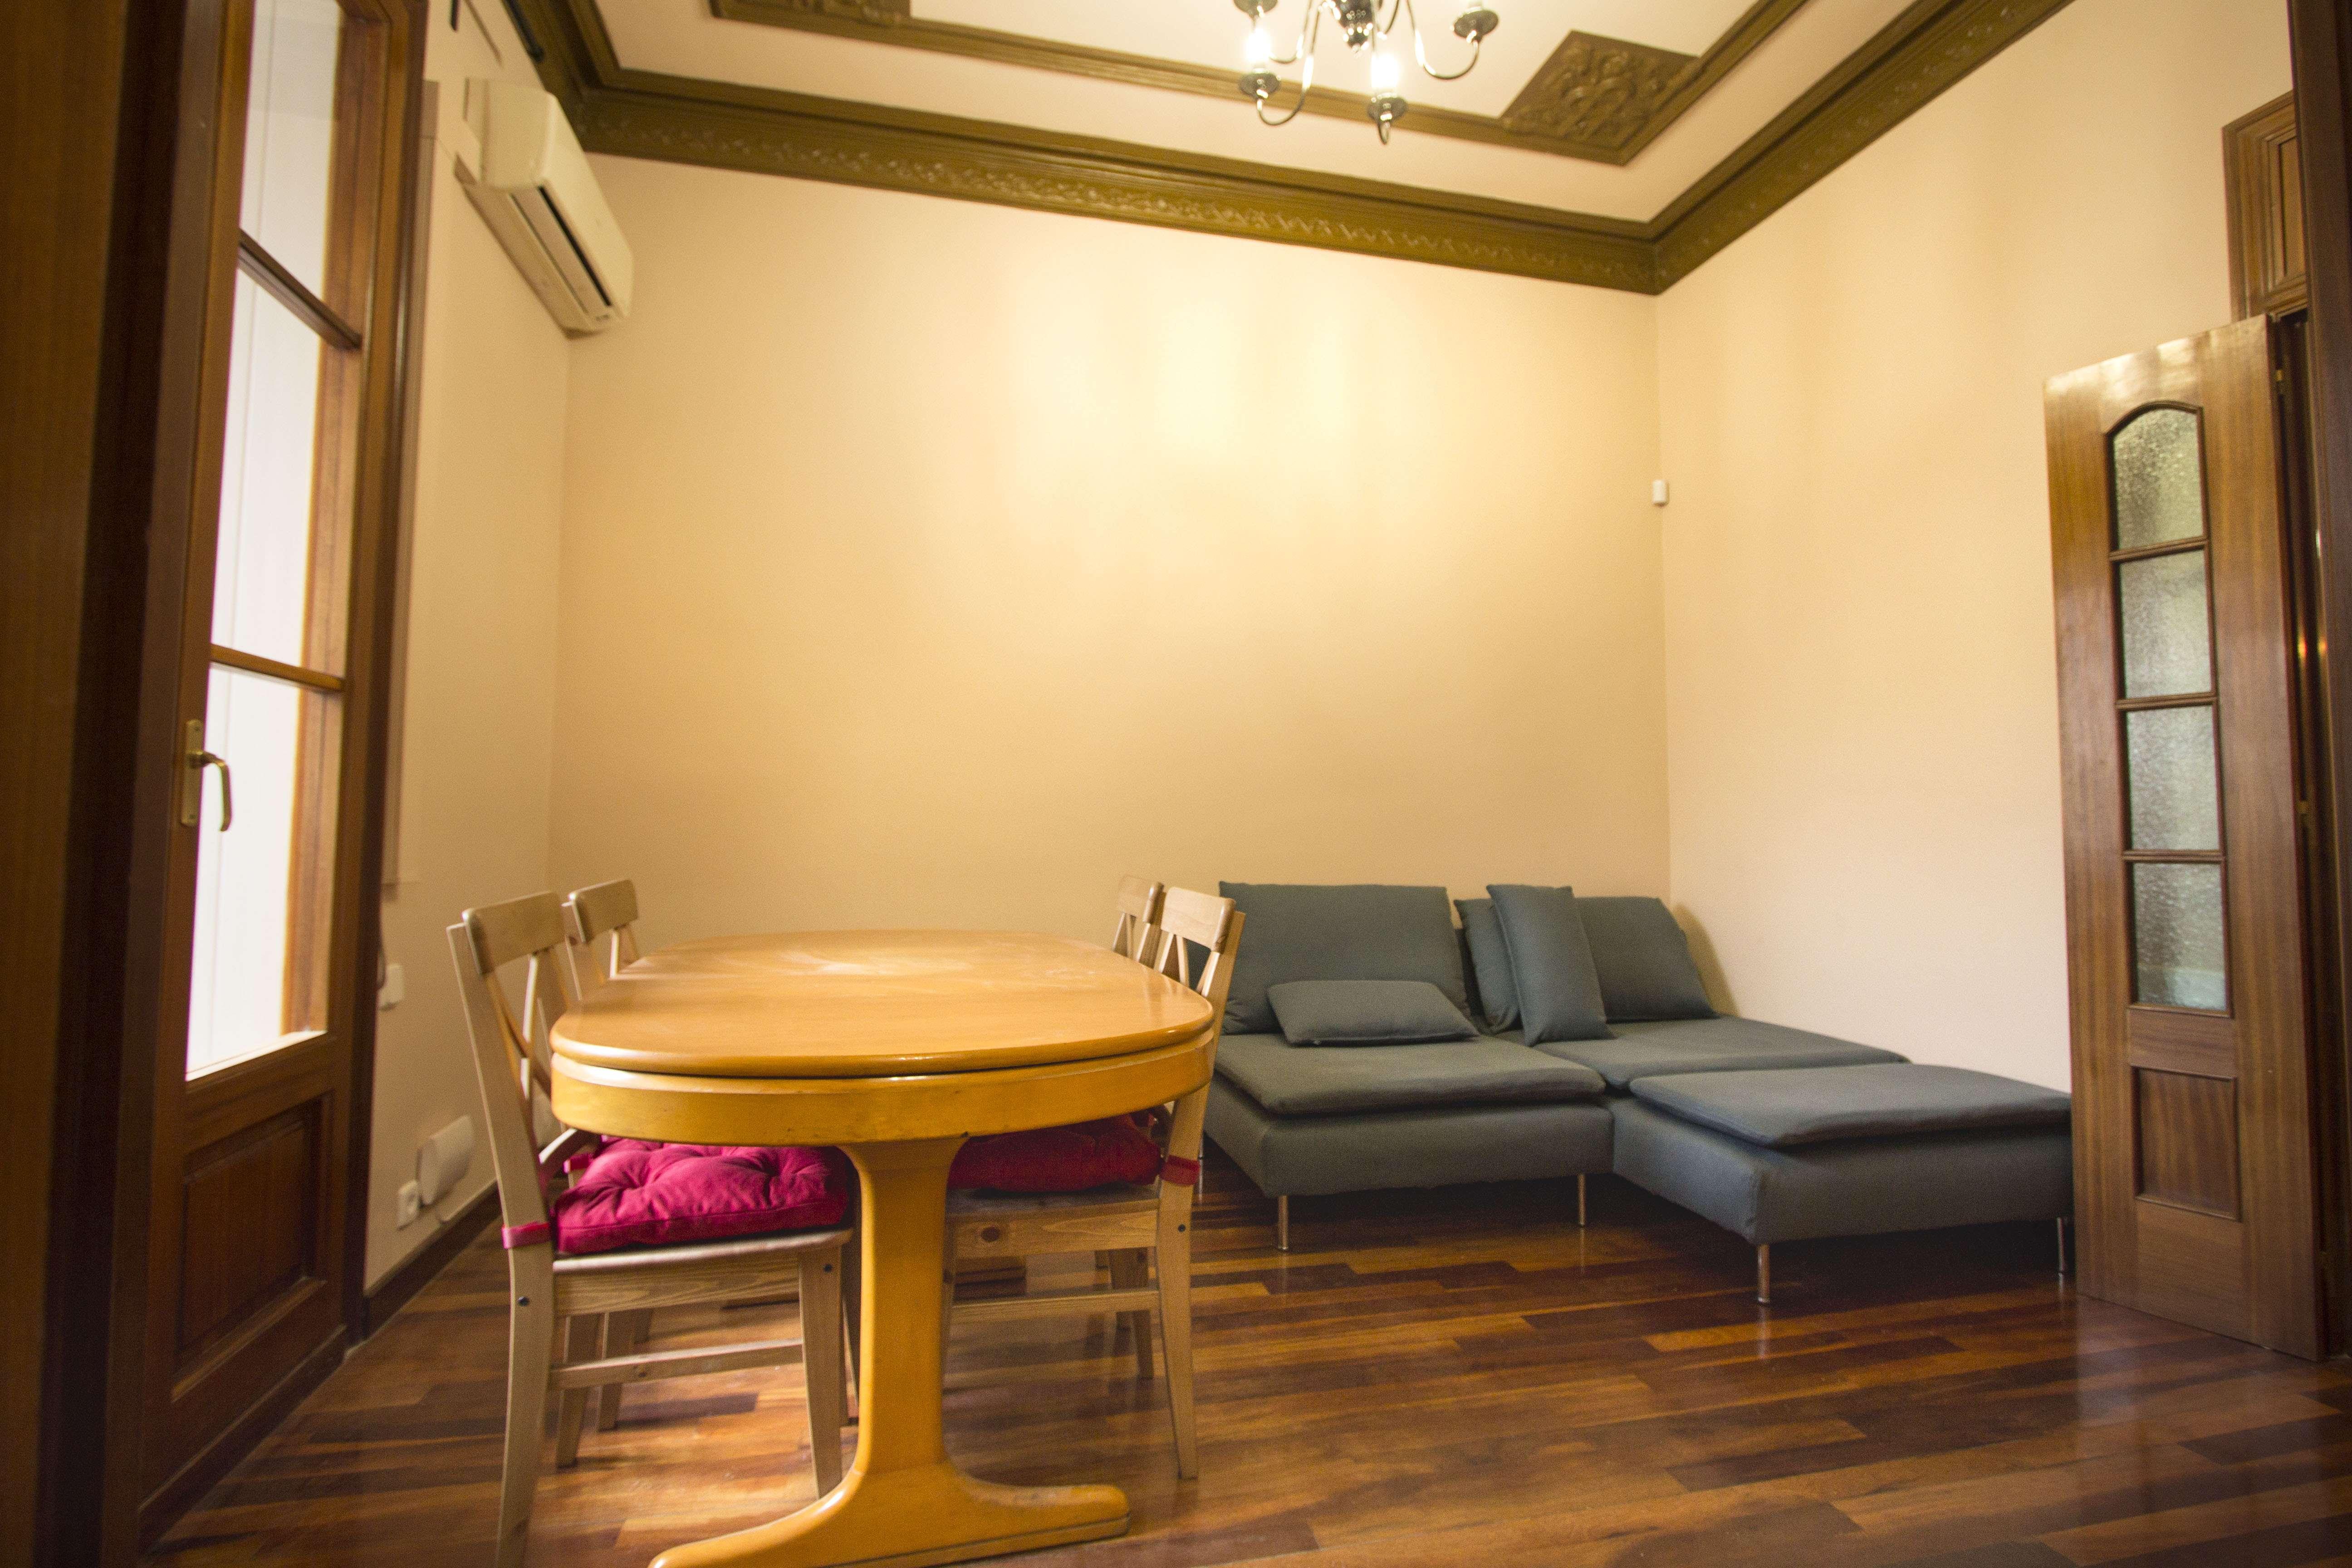 Квартира в 5 минутах от Пассео де Грасия